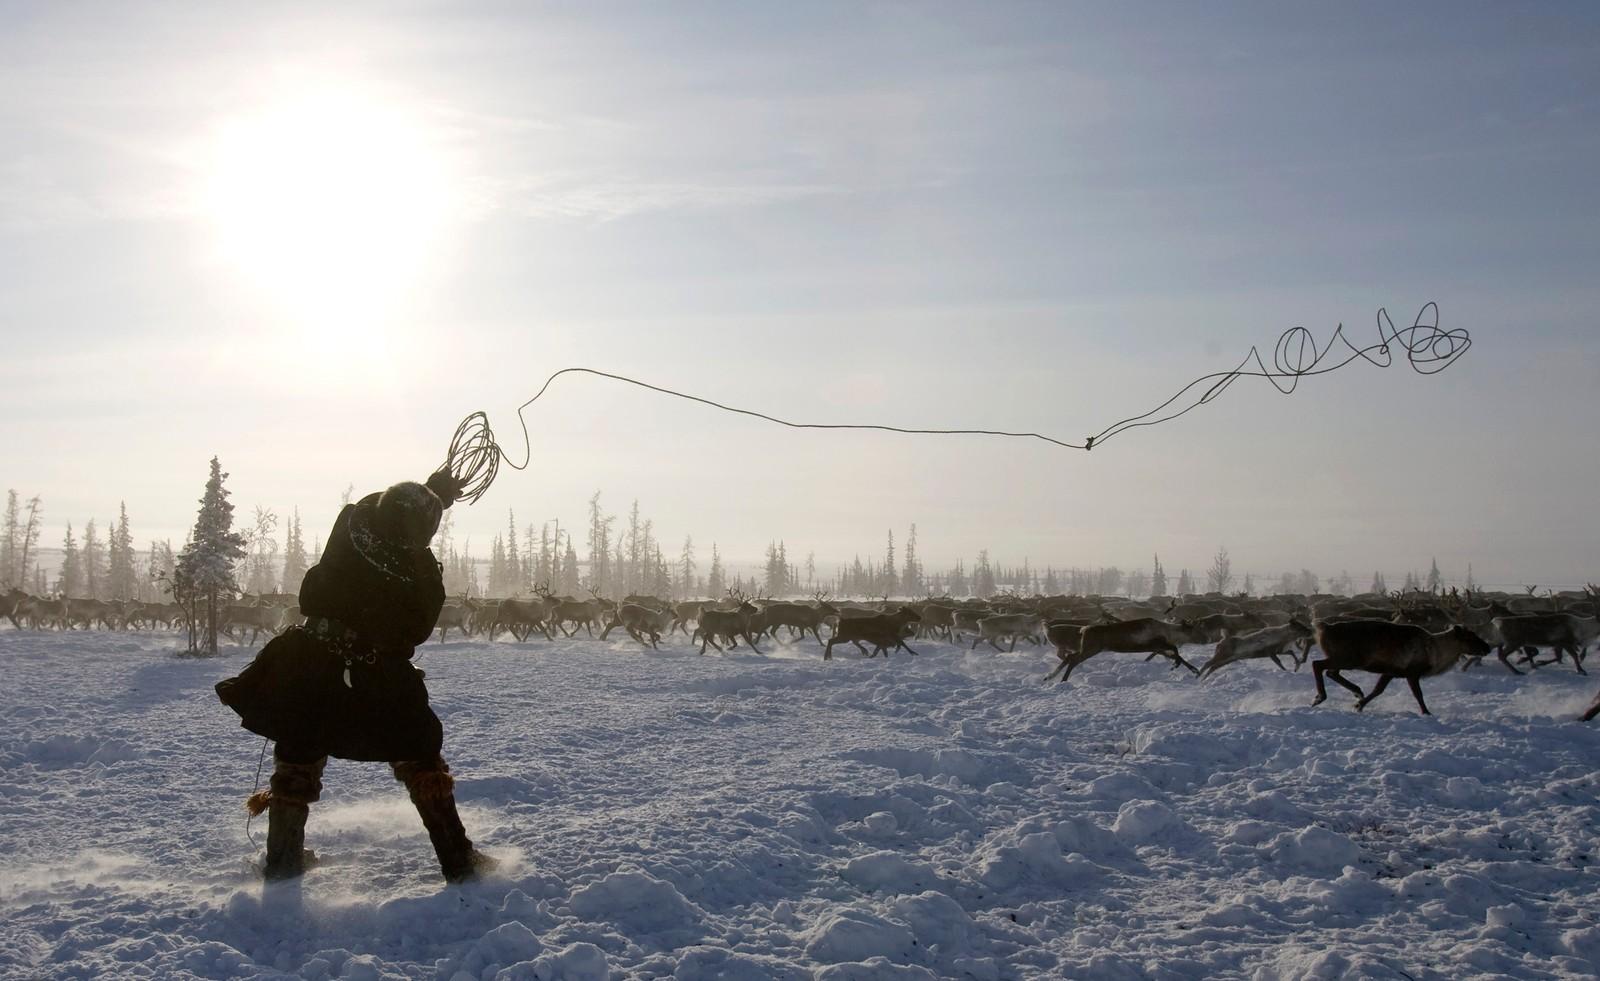 """VERDENS ENDE: Jamalhalvøya er hjemsted for nenetserne og på deres språk betyr """"Jamal"""" verdens ende. Jamalhalvøya har godt bevarte tradisjoner for nomadisk reinsdyrhold. Flere tusen nenetser og khantyer holder om lag 500 000 rein. Noen av de største gassfeltene i Russland ligger i dette området, noen som har skapt konflikter med urbefolkningen."""